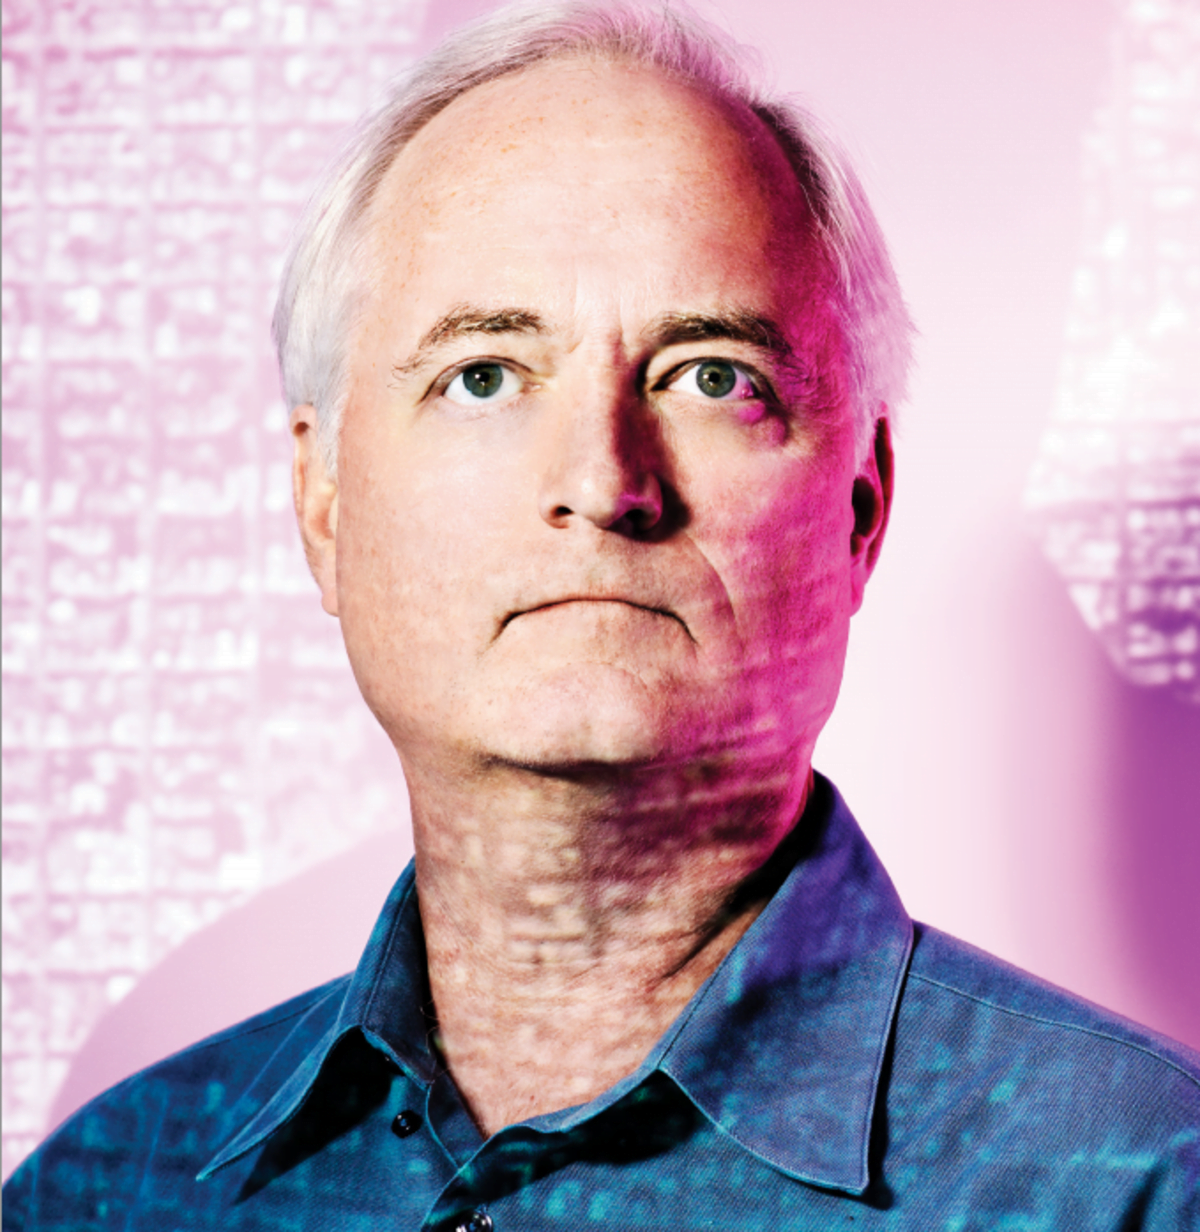 Google Books'u yönettikten ve Mars'a gidecek araçlara otonomluk kazandırmakla görevlendirilen takıma liderlik ettikten sonra, James Crawford Orbital Insight'ı başlattı. Bu girişimde uydu görüntülerine yapay zeka ve veri analizi uygulanıyordu.